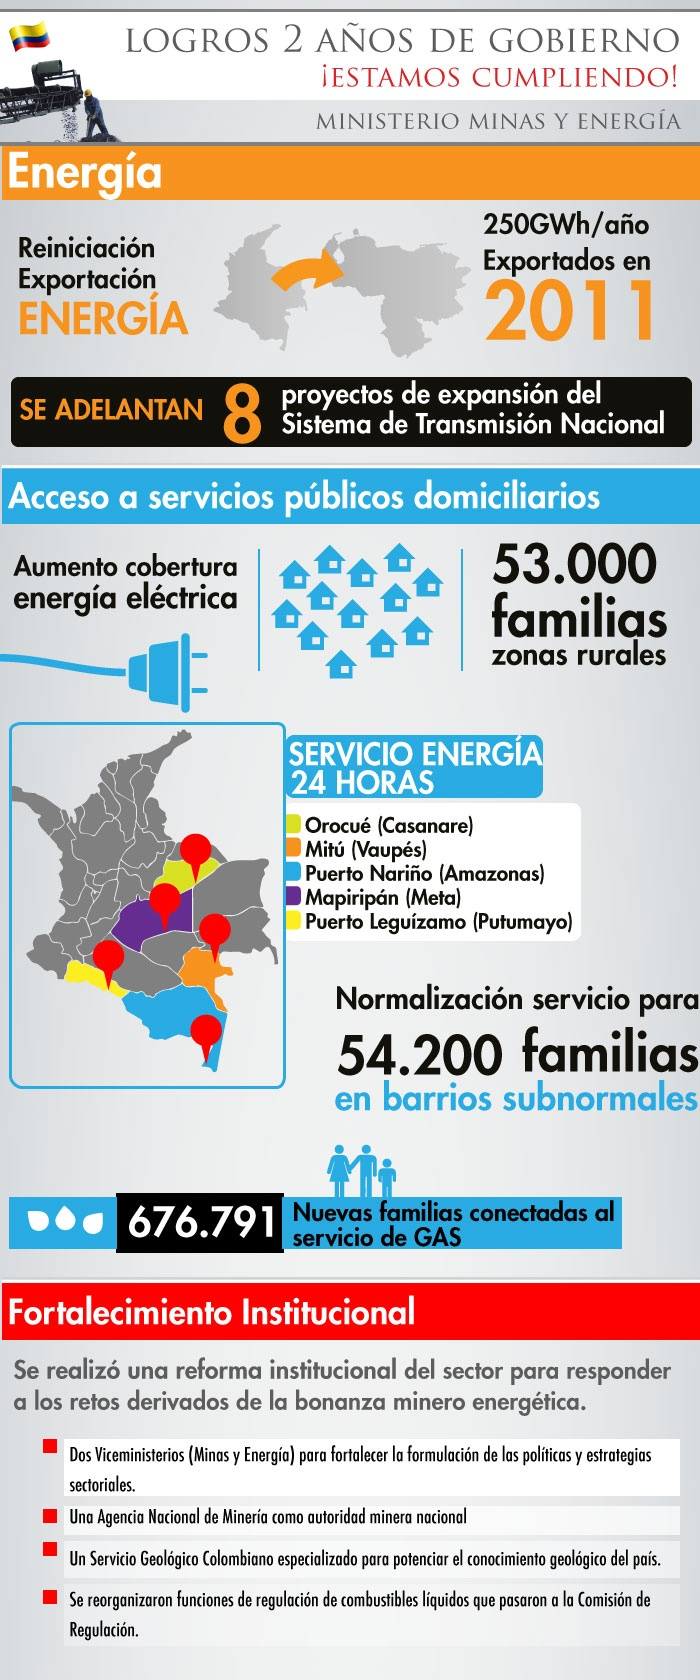 Infografía de los Logros 2010 2012 del Ministerio de Minas, realizada por Urna de Cristal.